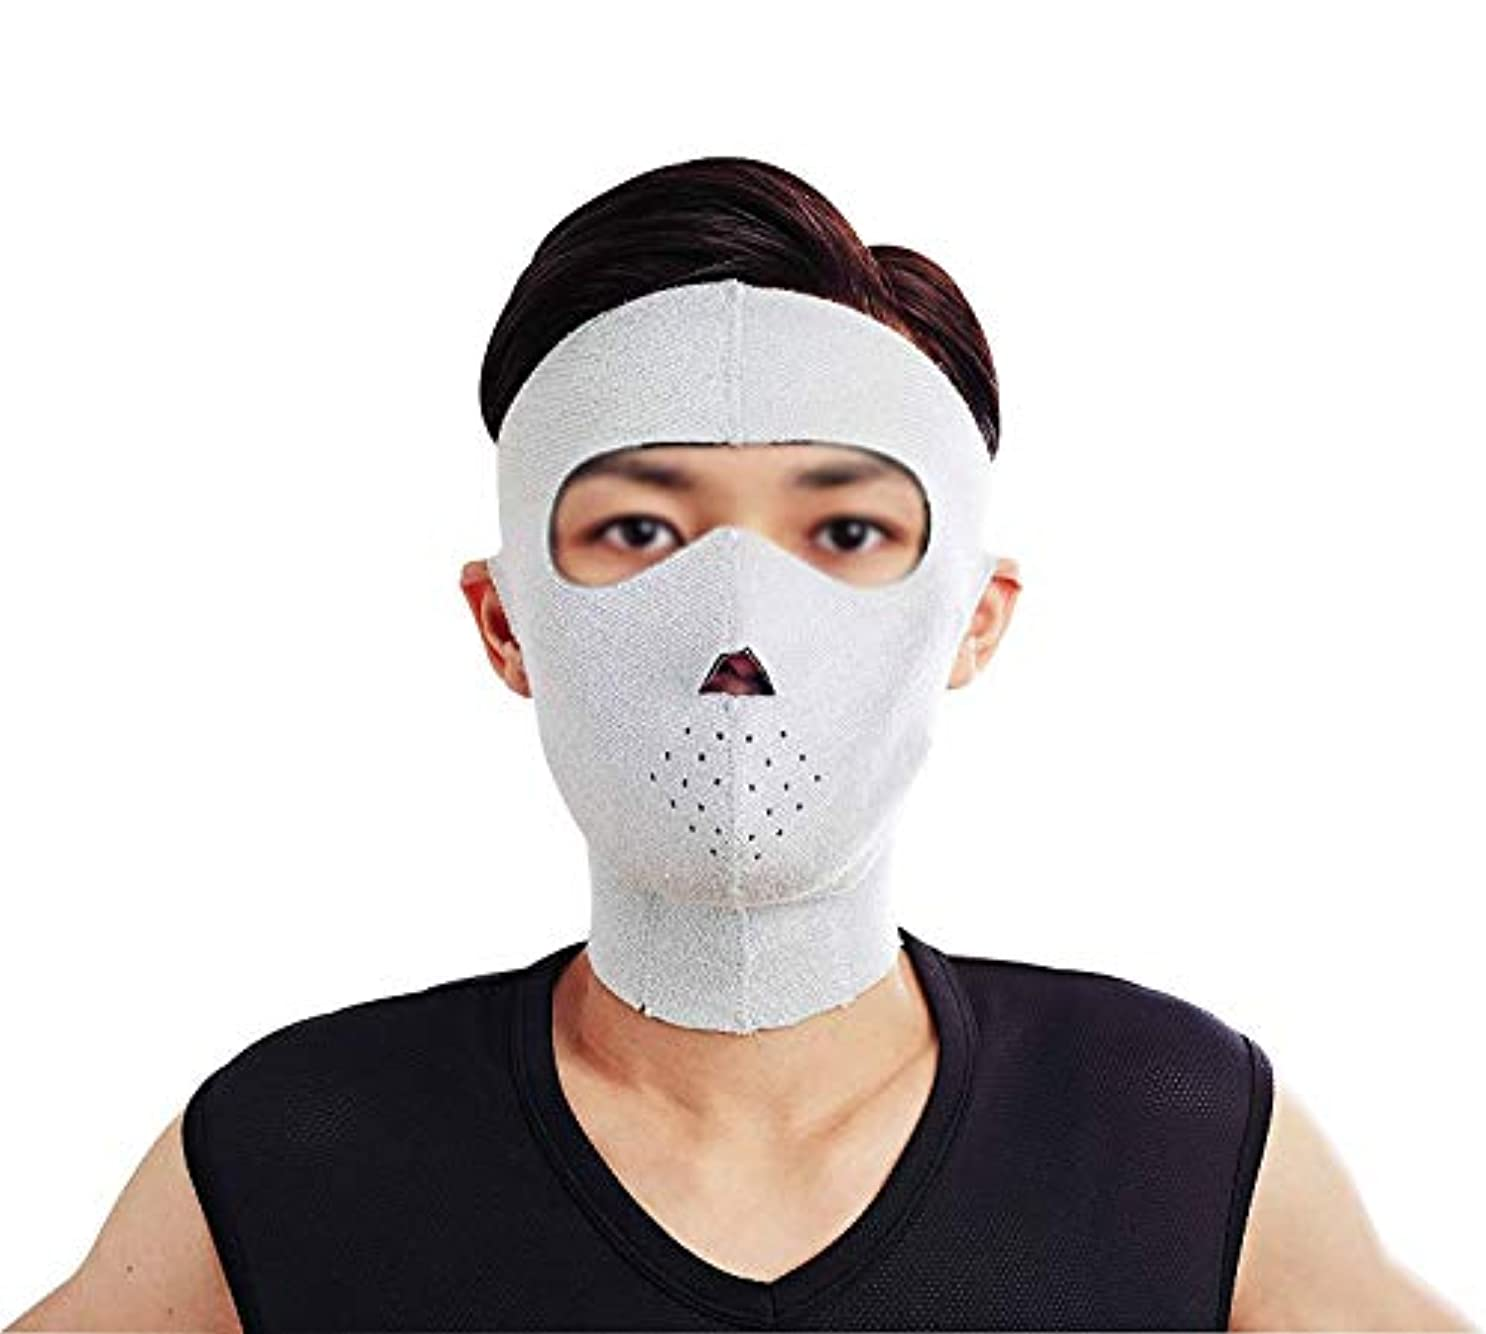 略奪セミナー有利フェイスリフトマスク、フェイシャルマスクプラス薄いフェイスマスクタイトアンチたるみシンフェイスマスクフェイシャル薄いフェイスマスクアーティファクト美容男性ネックストラップ